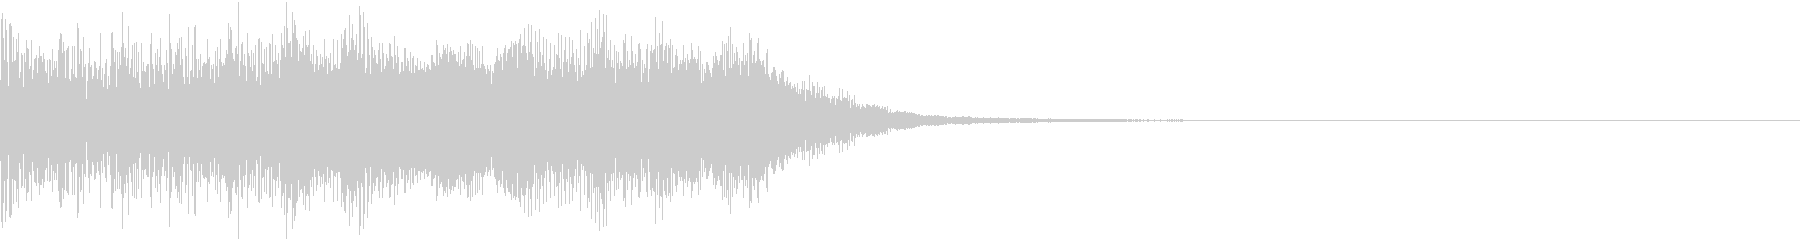 ファミコン風 レトロ ファンファーレ Iの未再生の波形